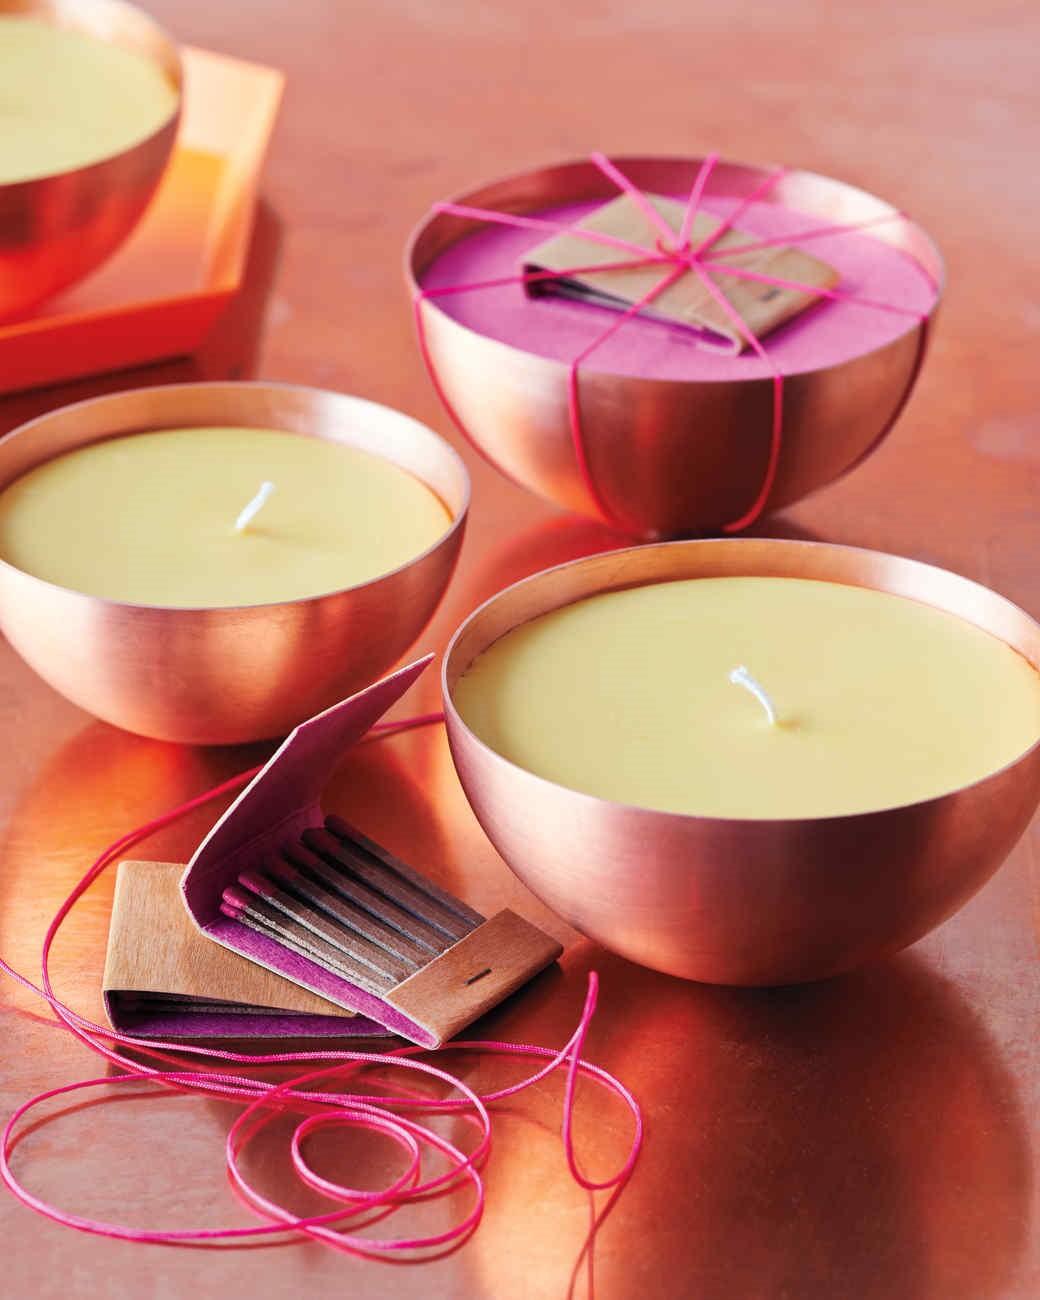 Ceux-ci étaient fabriqués en trempant le noyau moelleux des roseaux dans la graisse animale fondue; cependant, les projecteurs n'avaient pas de mèche comme une vraie bougie.